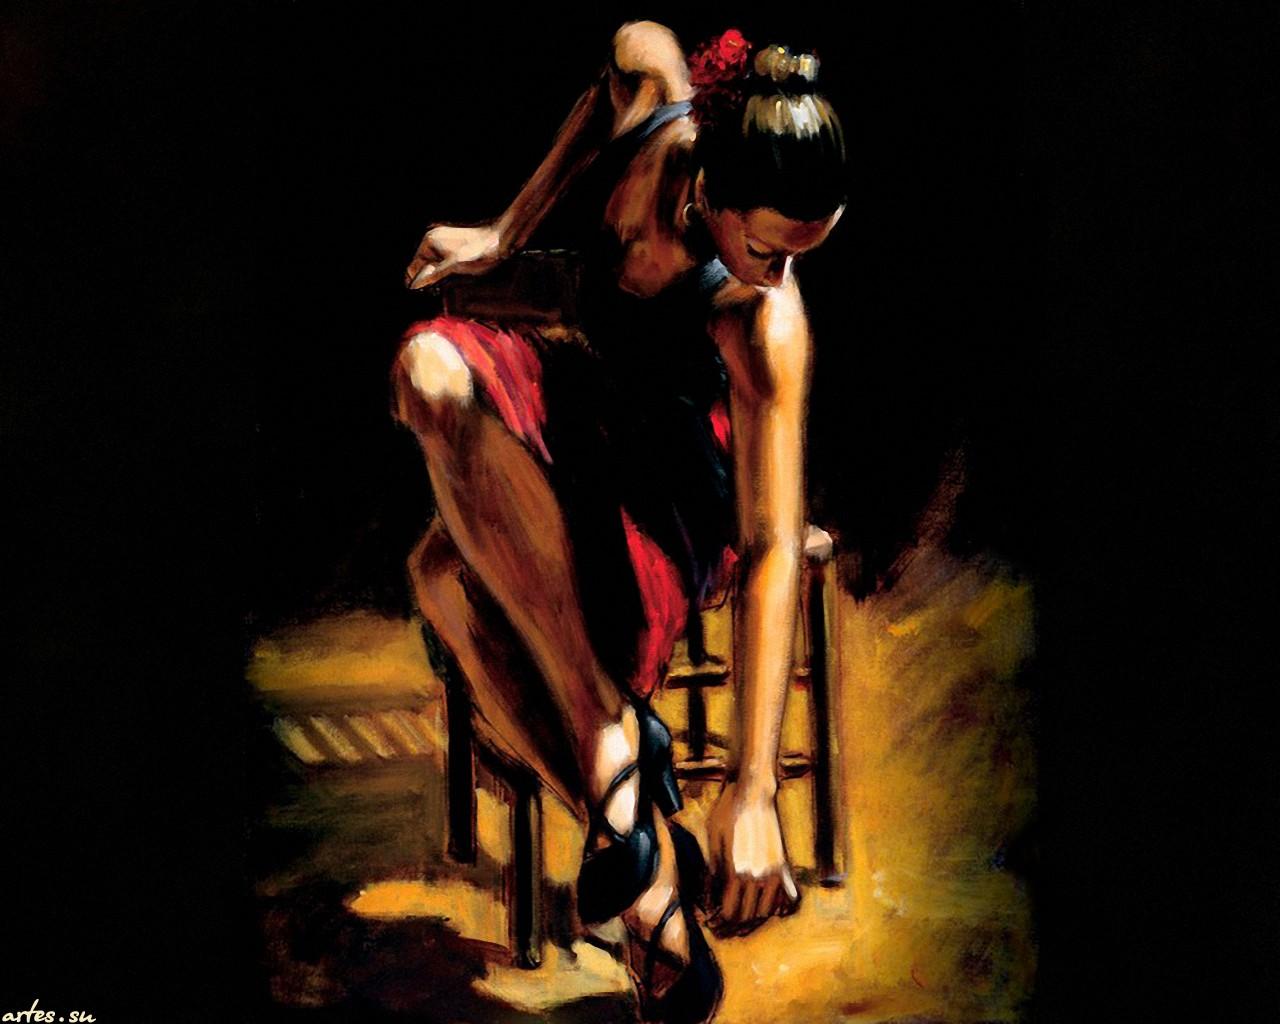 Танцовщица под юбкой 10 фотография